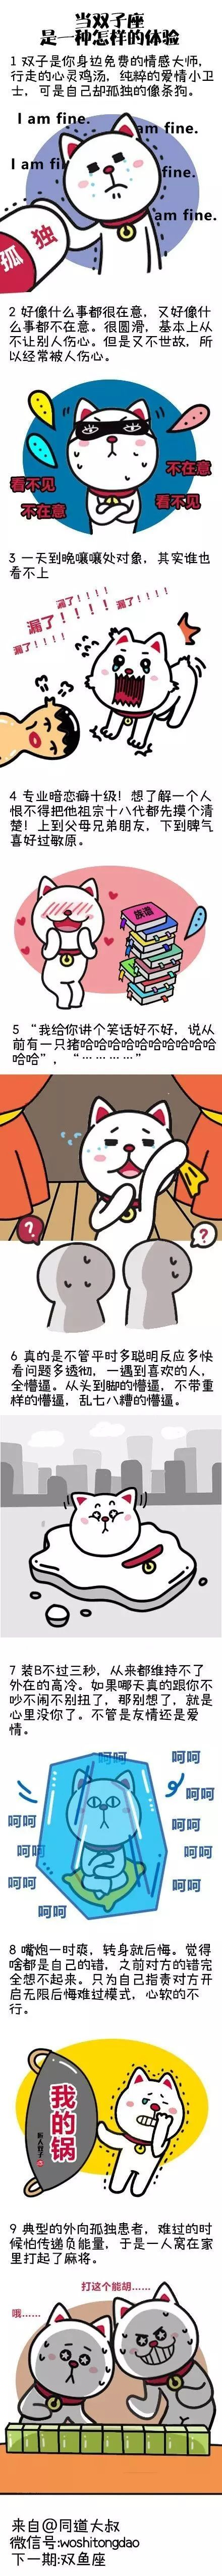 """警惕!福州一单亲妈妈被渣男""""骗财骗色"""",2个月没了13万!"""